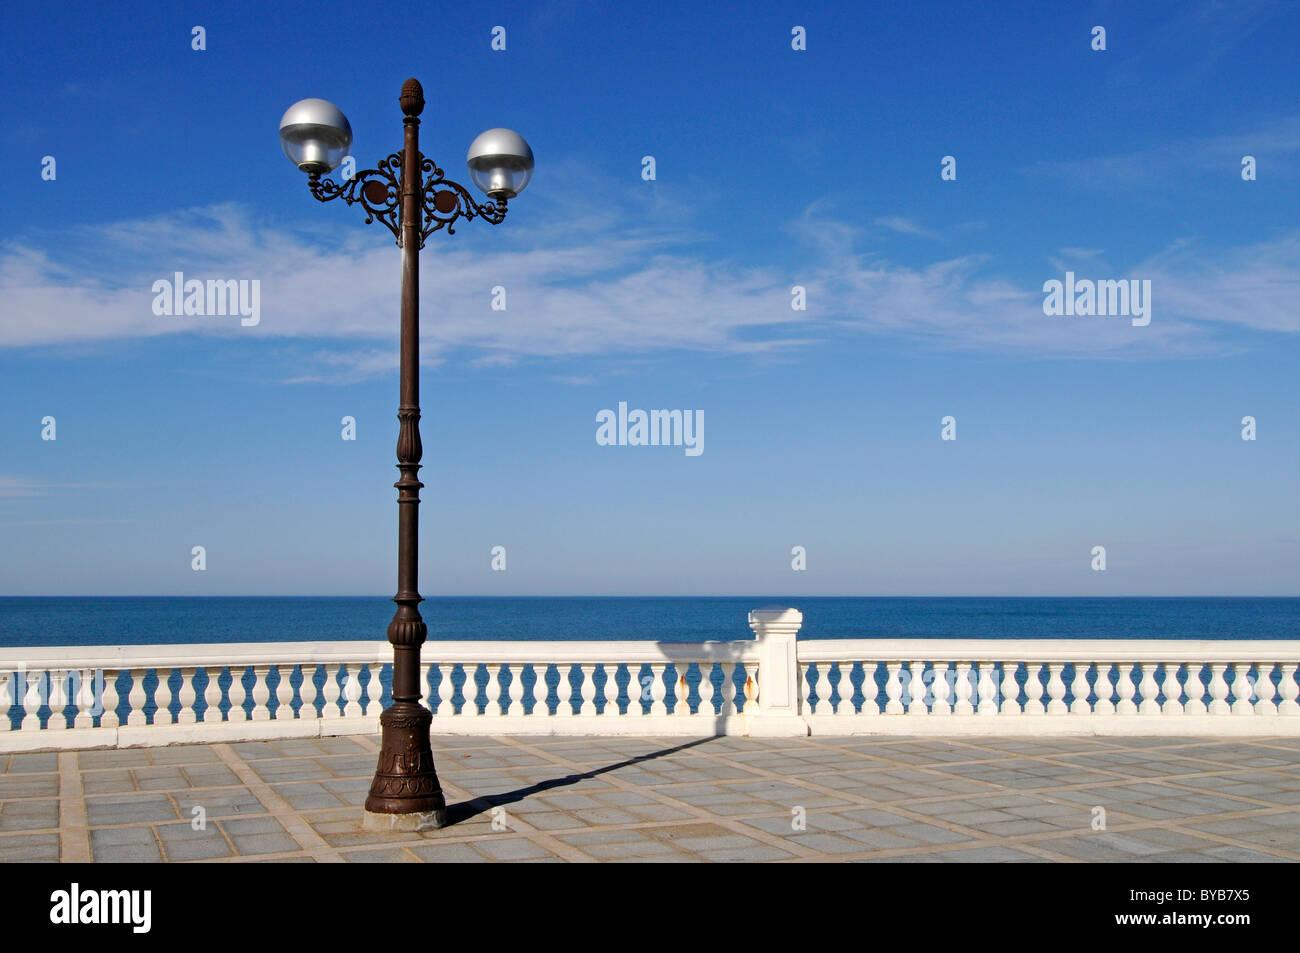 Straßenlaterne, Meer, Promenade, Geländer, Halbinsel La Magdalena, Santander, Kantabrien, Spanien, Europa Stockbild